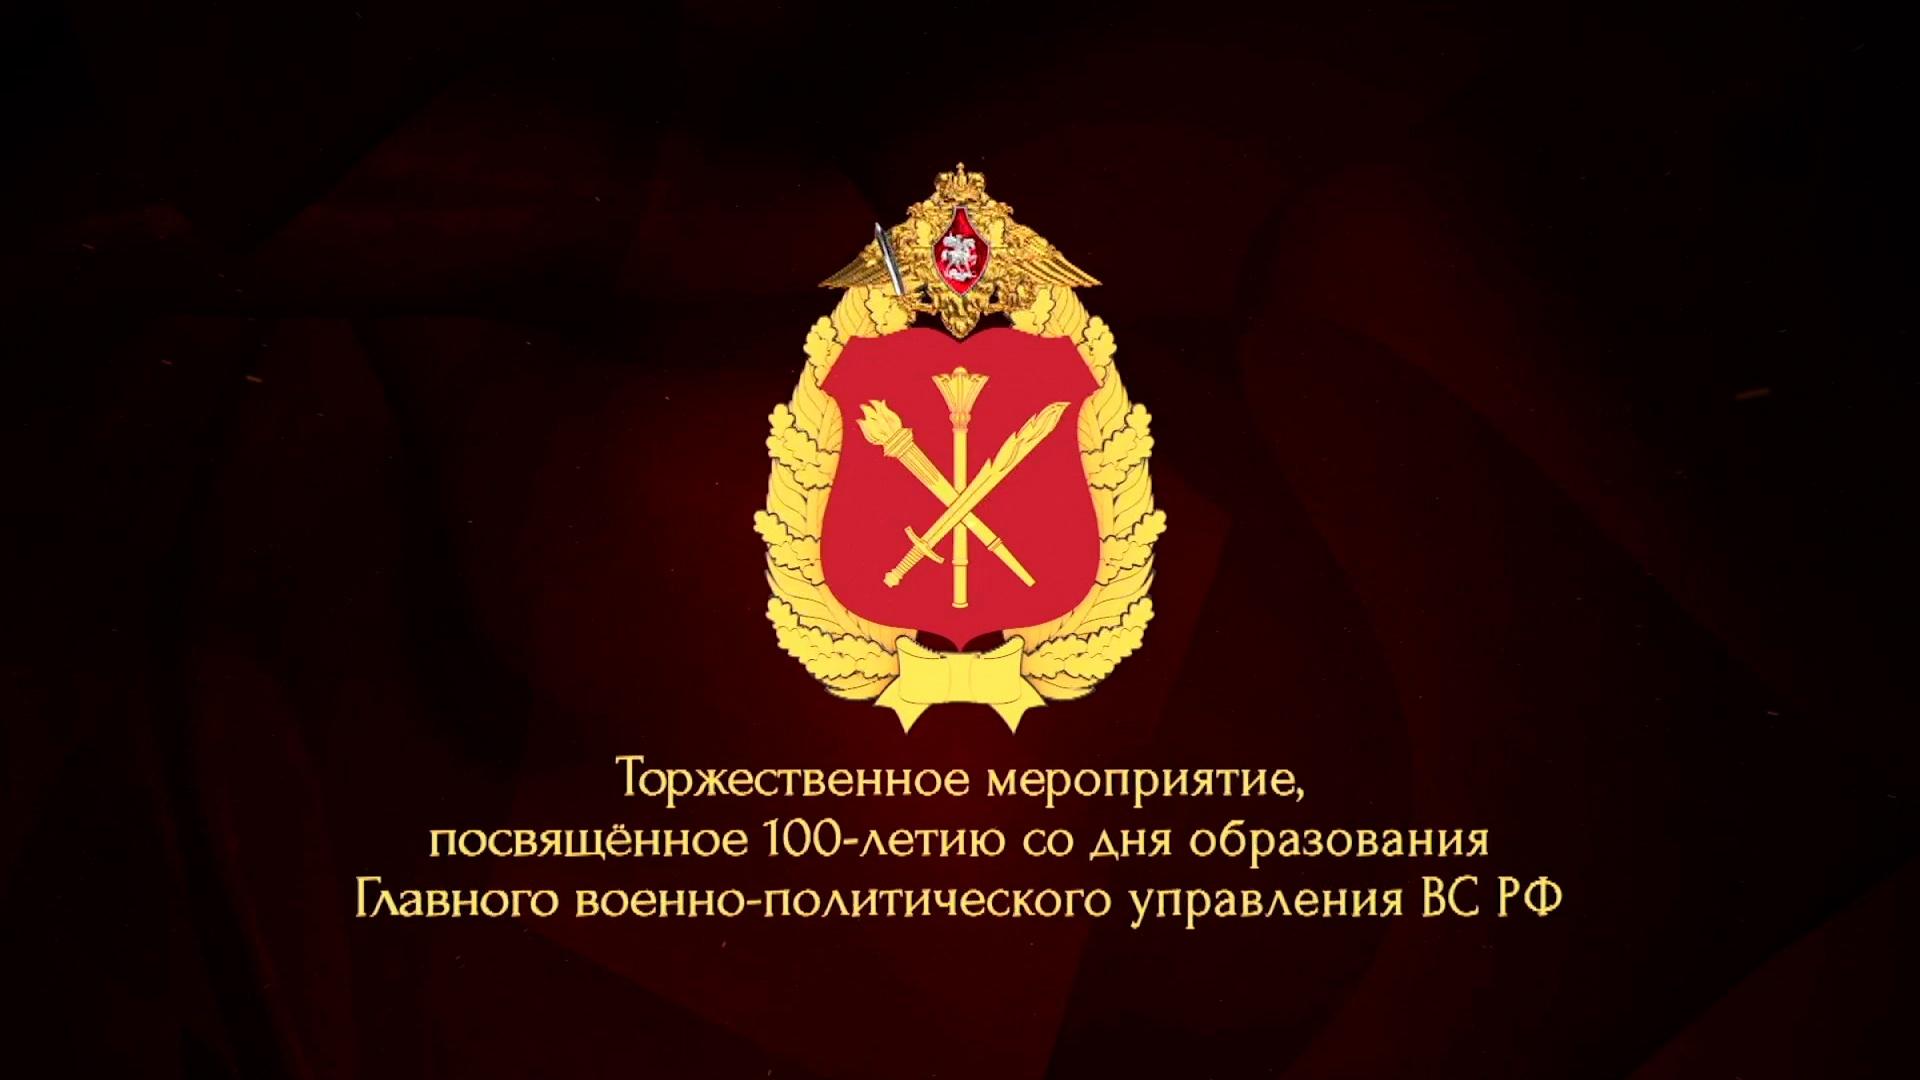 Торжественное мероприятие, посвященное 100-летию со дня образования Главного военно-политического управления ВС РФ